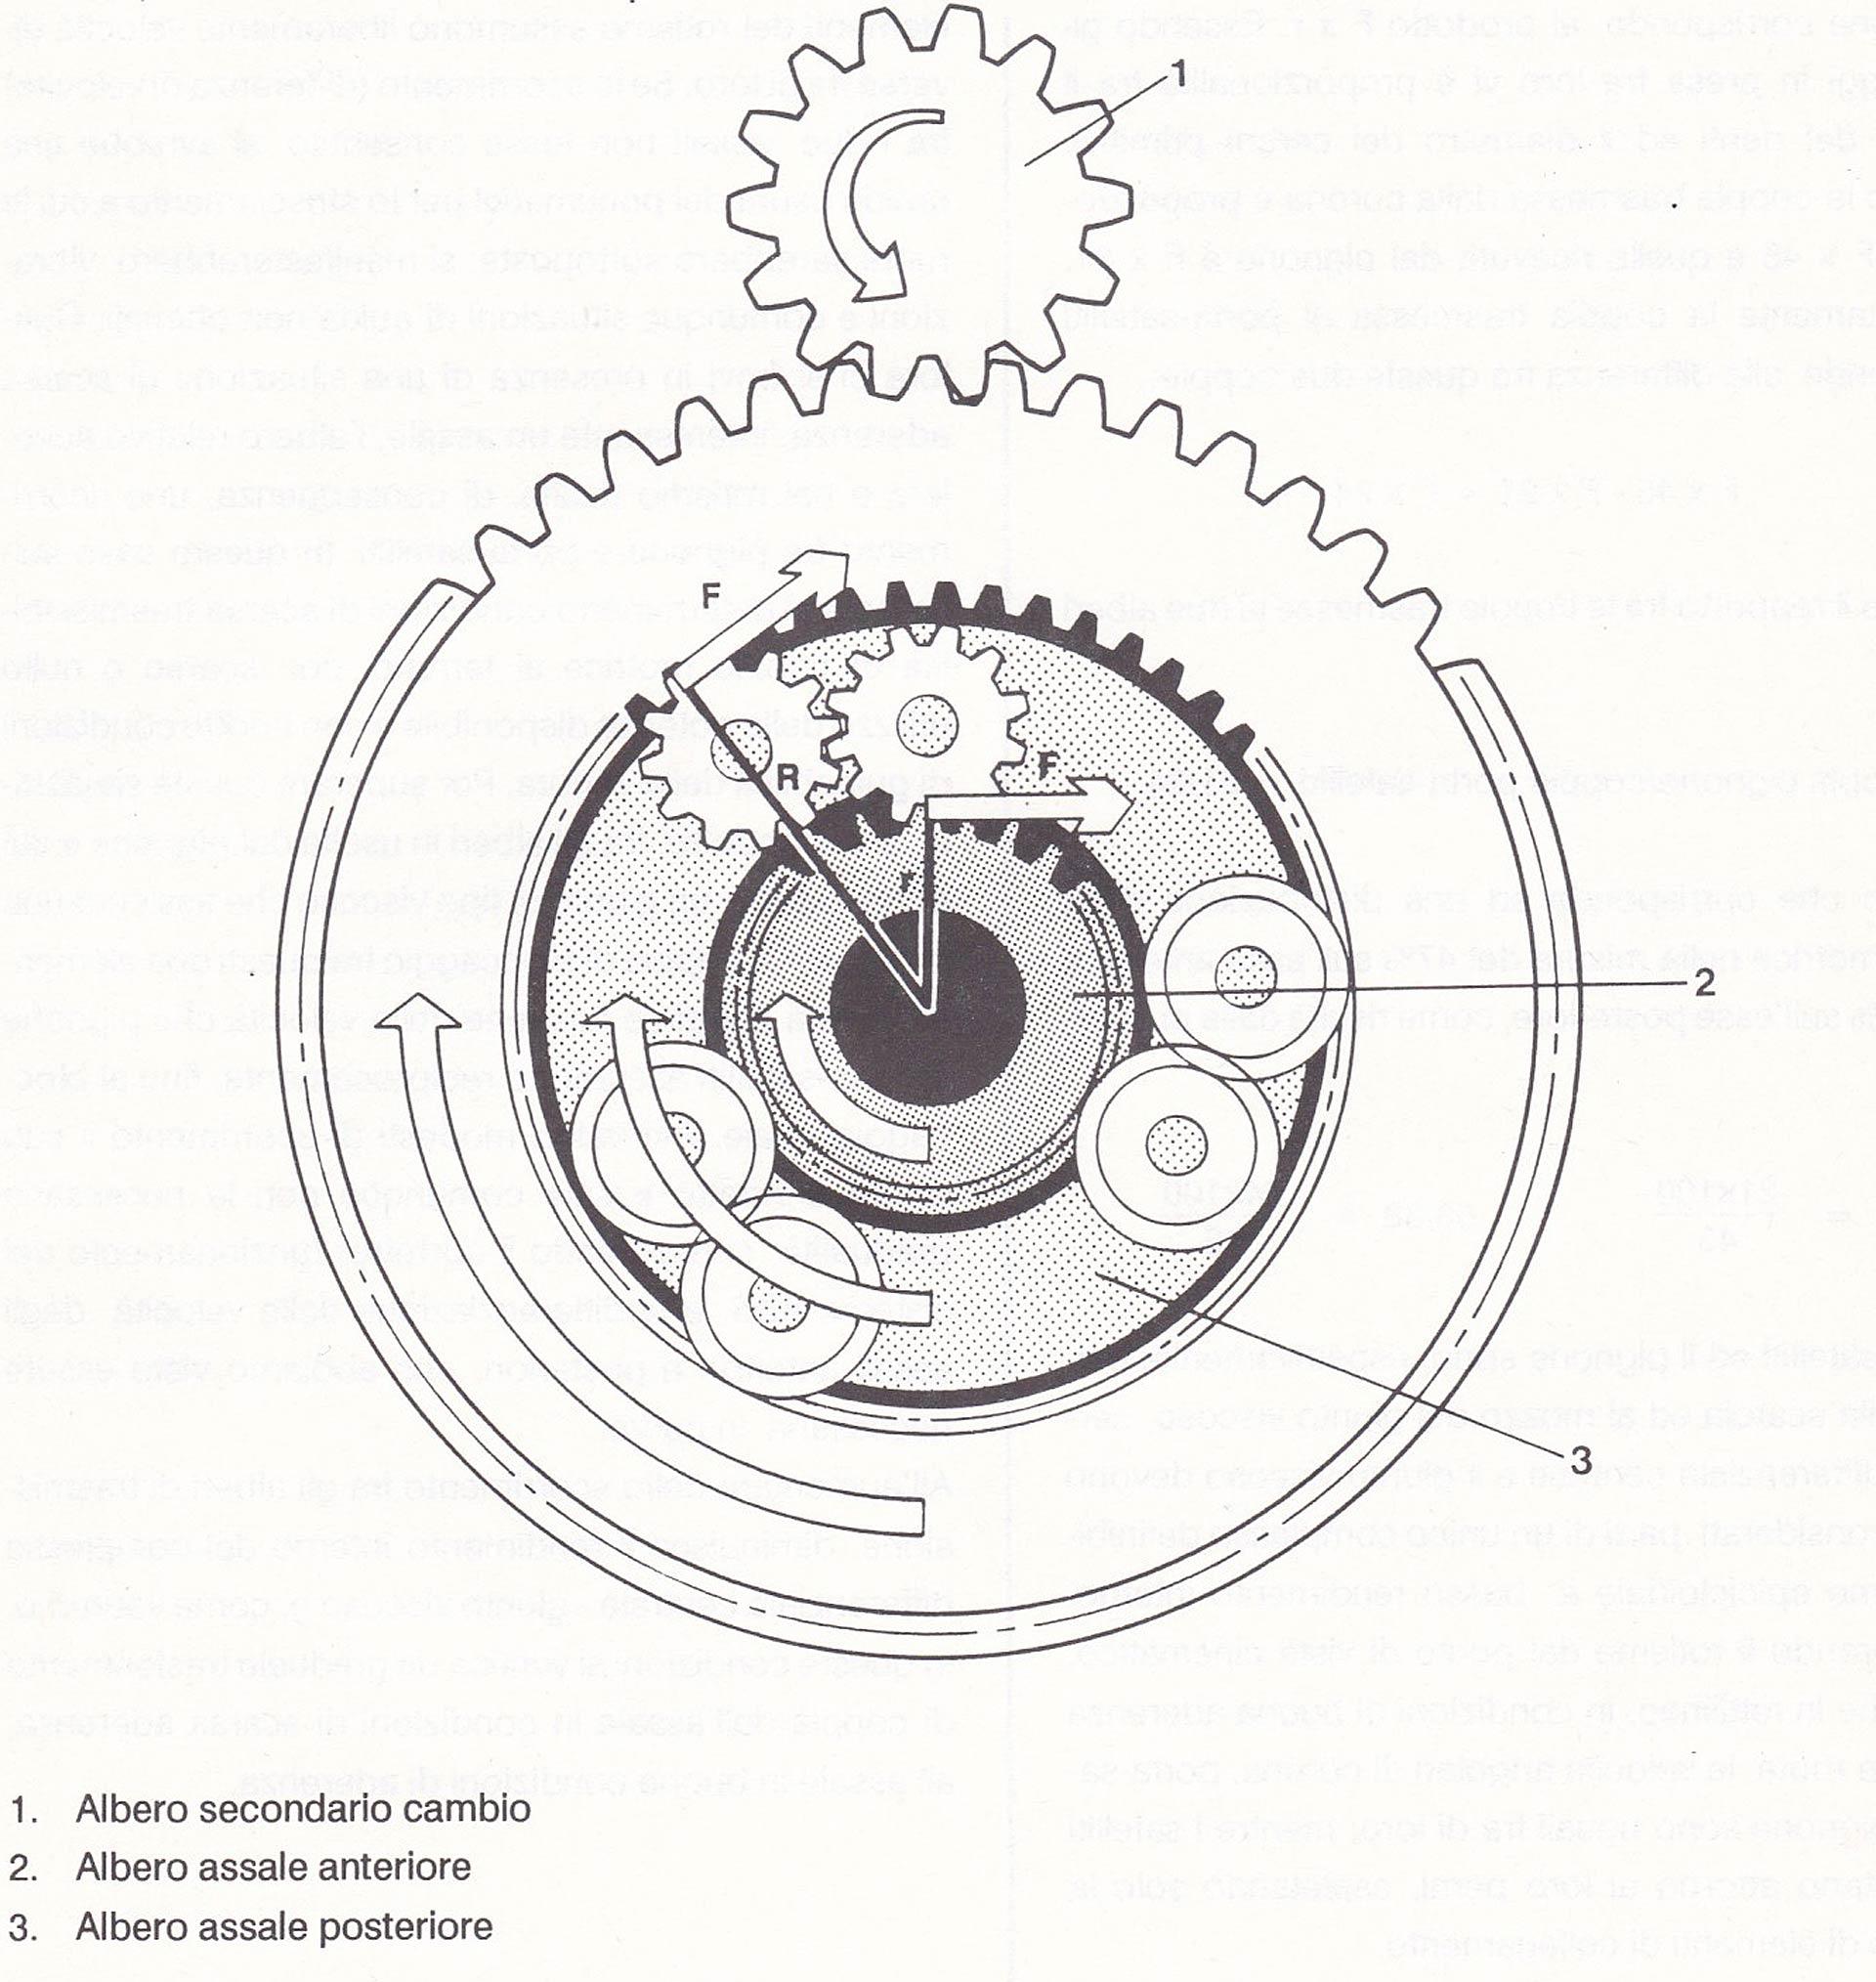 Storia, segreti e tecnica della trazione integrale Alfa